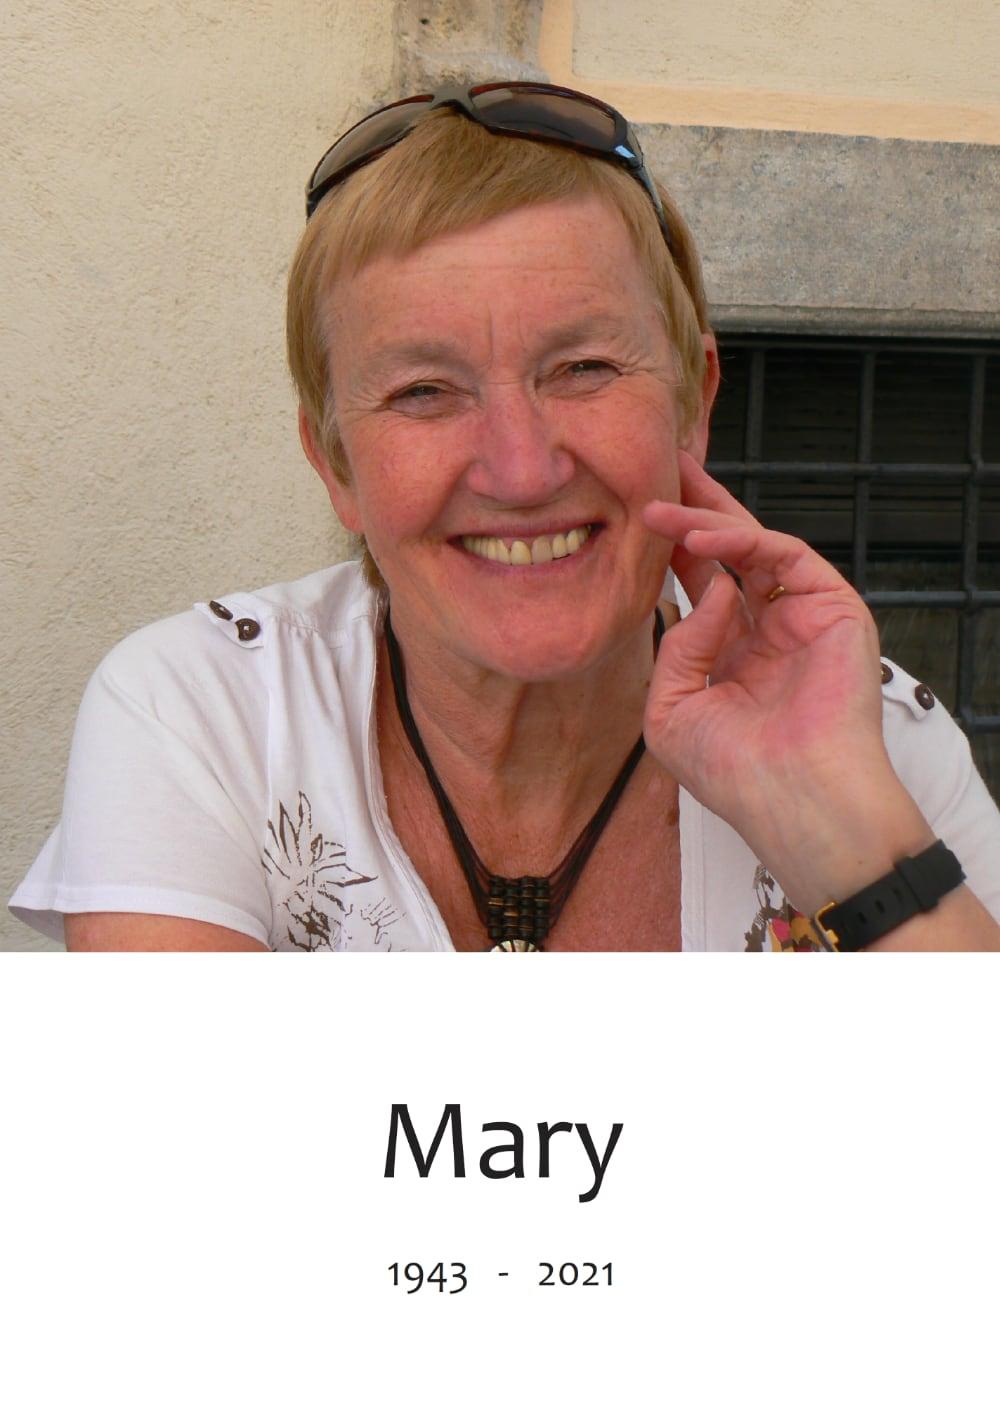 Rouwkaart voorkant Mary Klijnsma - Slot